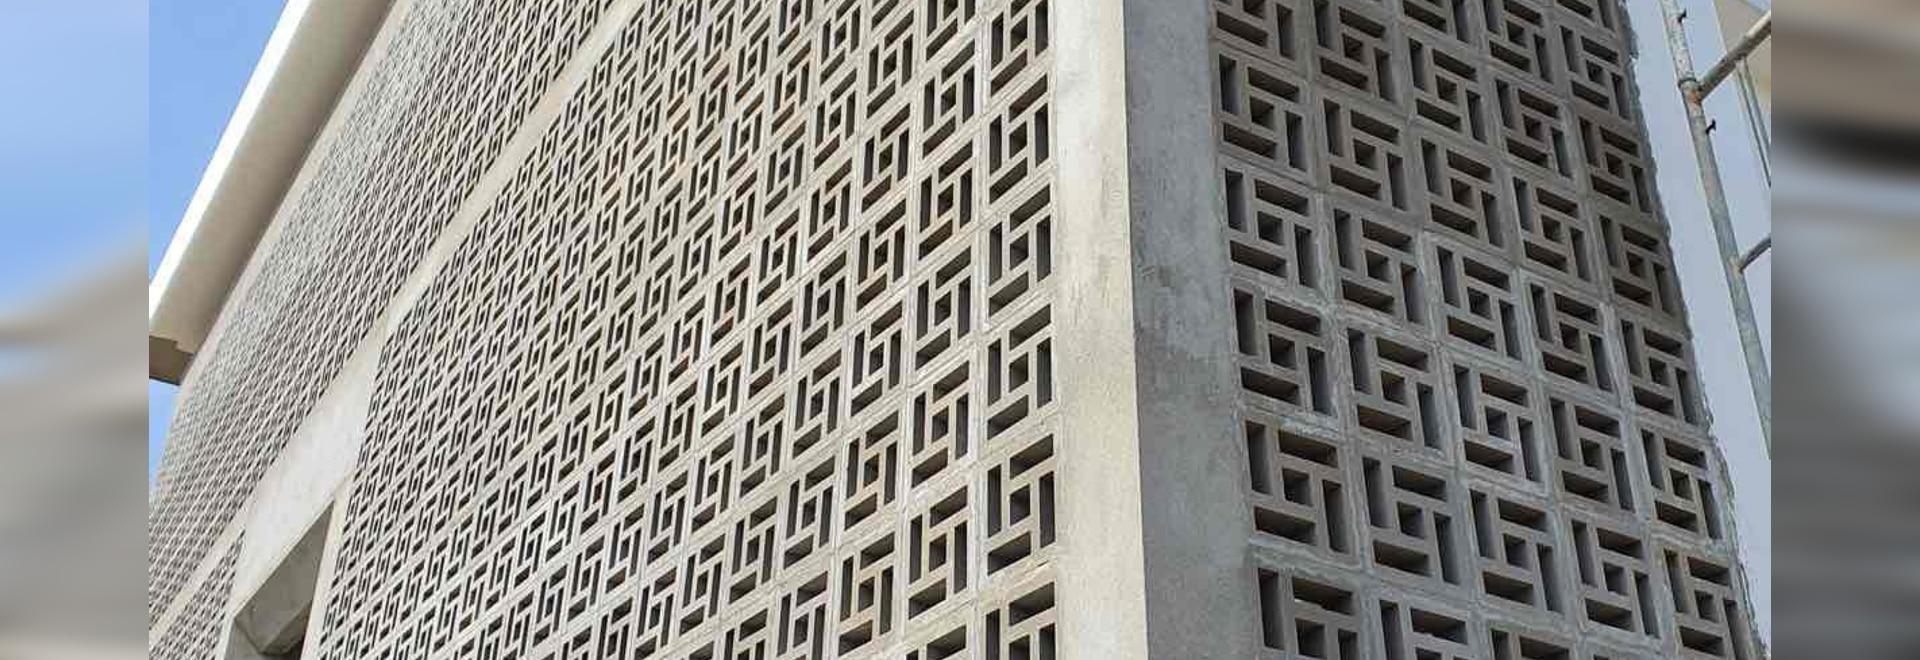 External Wall by Breeze Block